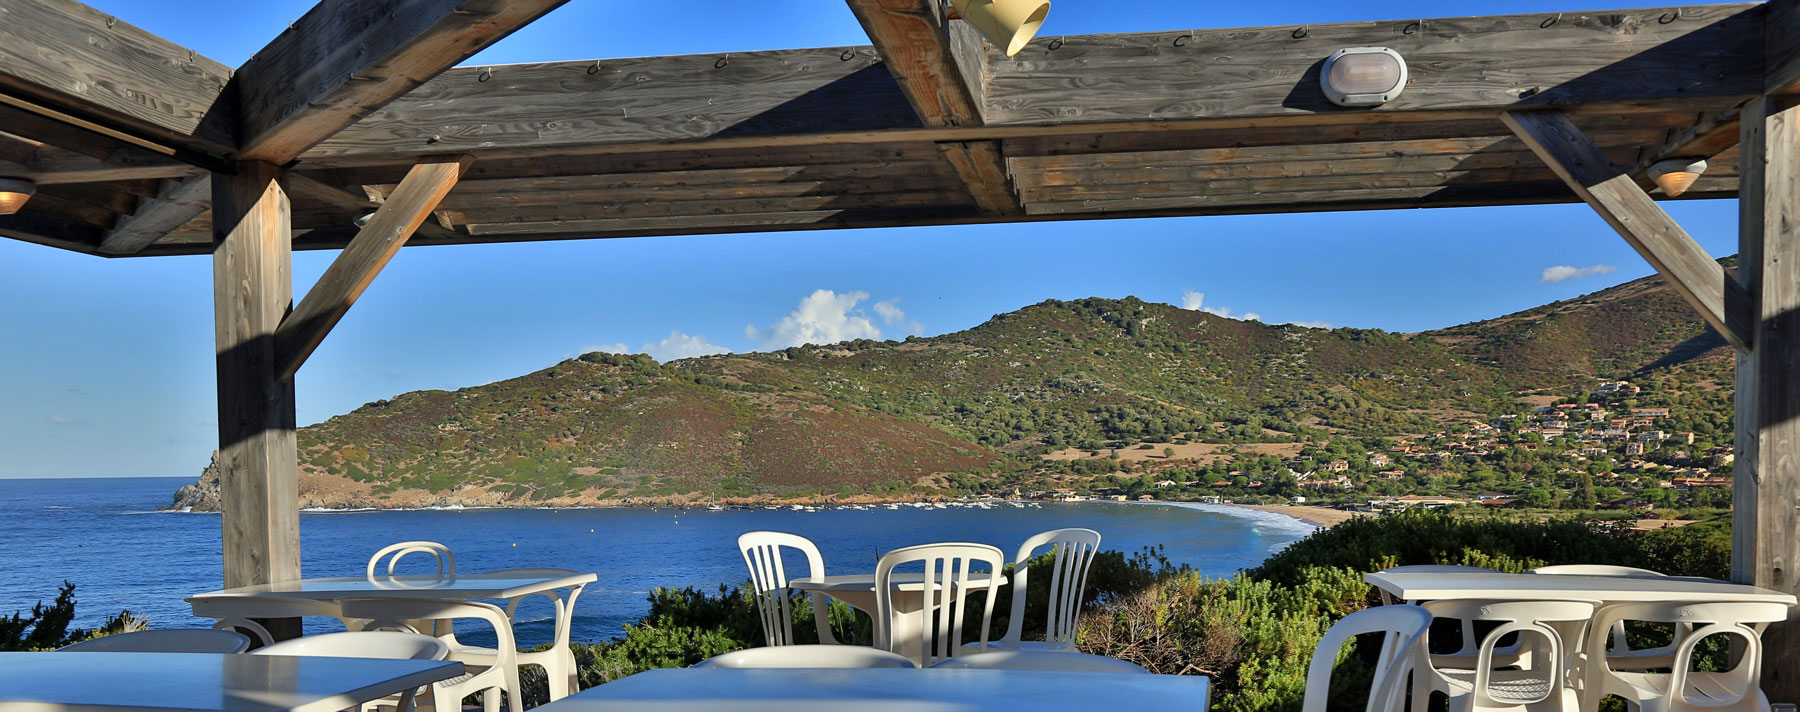 Vue du restaurant paese di lava village vacances en corse du sud ajaccio - Restaurant corse du sud ...